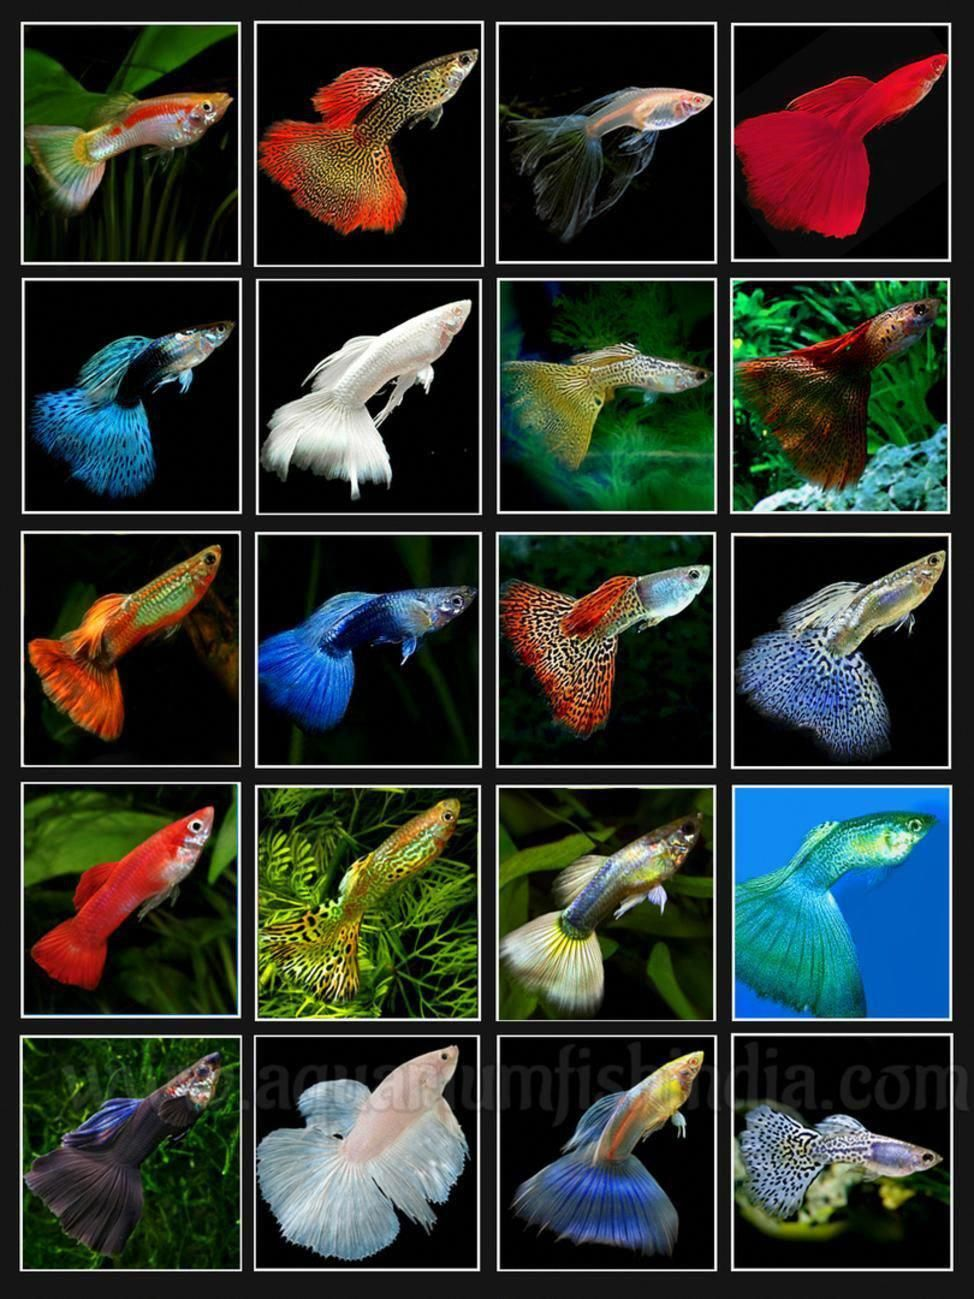 Imported Guppies For Sale Online India Imported Aquarium Fish Aquarium Online Shopping India Best Tropical Fish Tanks Aquarium Fish Tropical Freshwater Fish